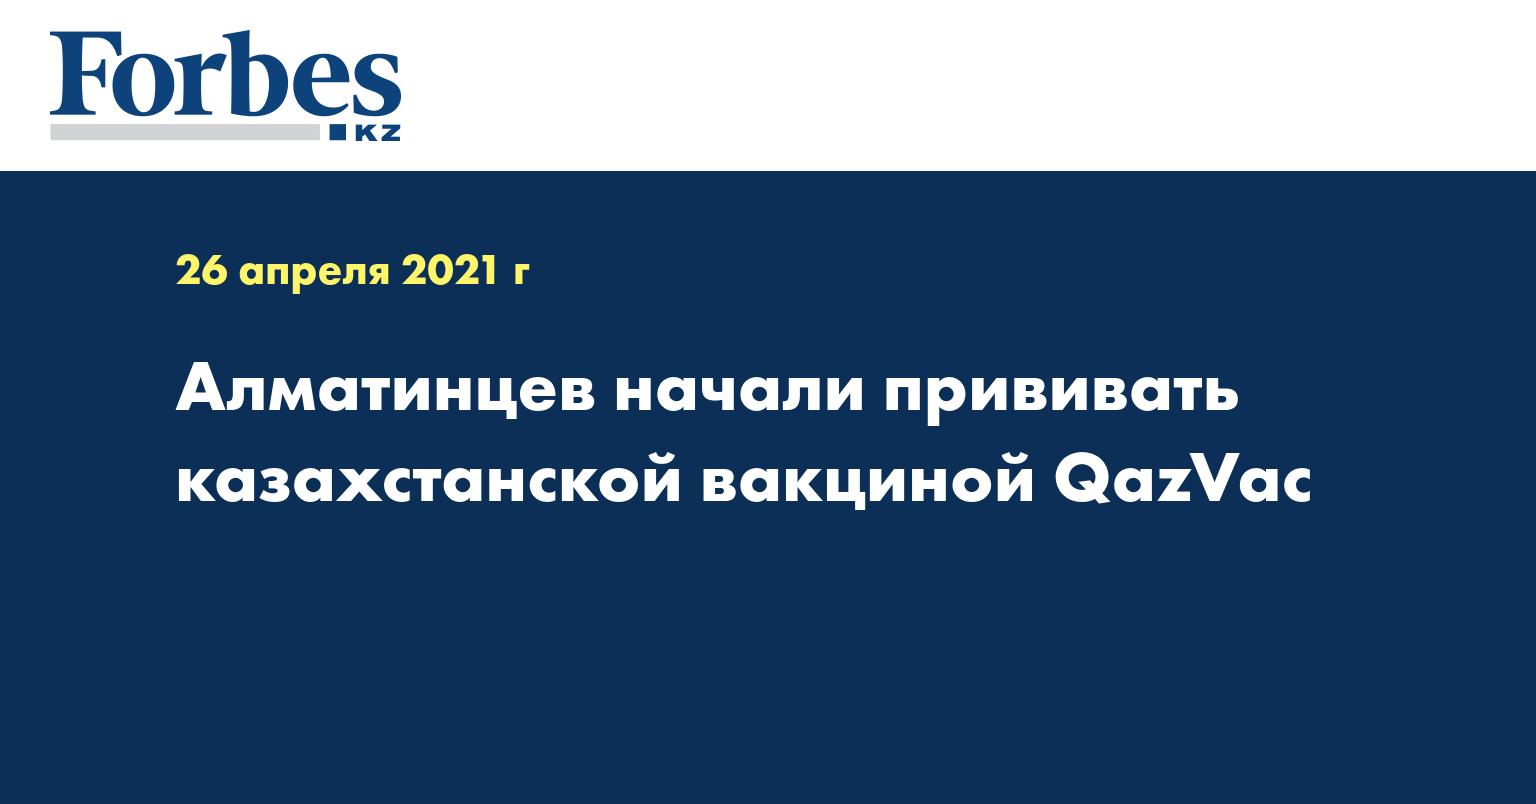 Алматинцев начали прививать казахстанской вакциной QazVac